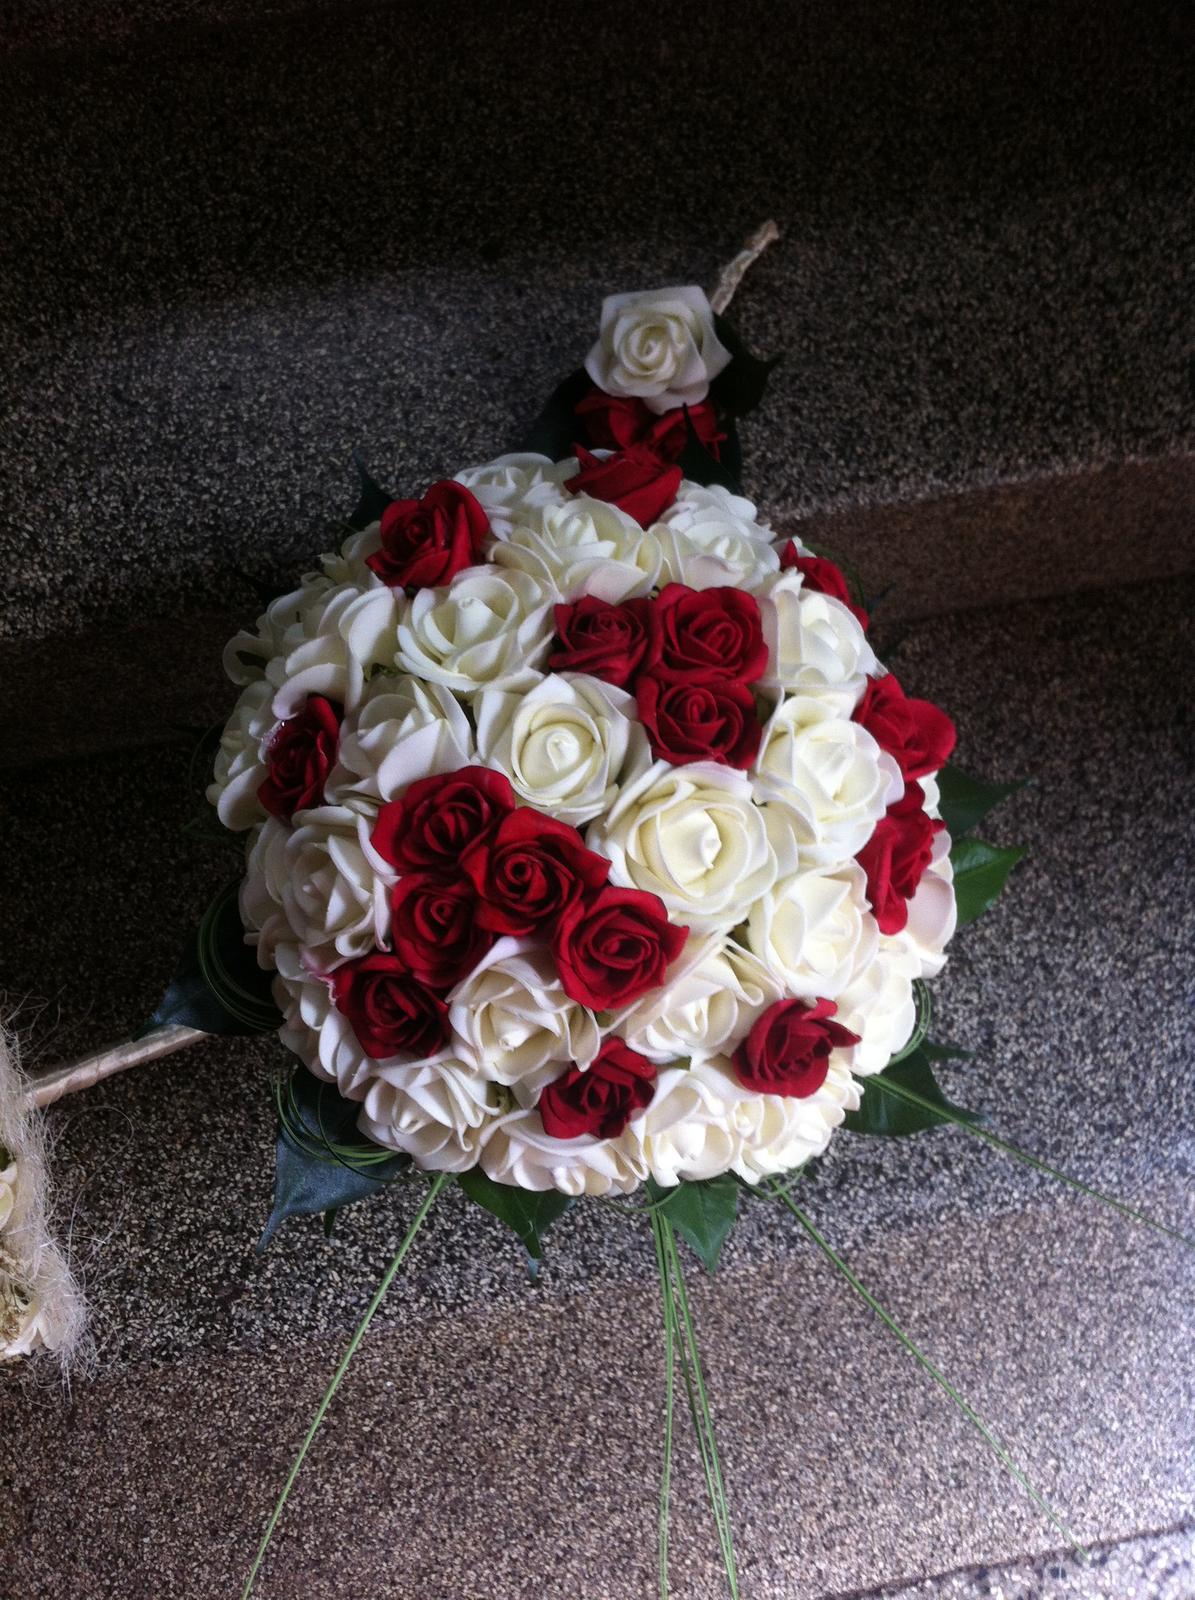 Netradiční svatební kytice - pěnové růžičky + polštářky pod prstýnky, košíčky - Obrázek č. 77